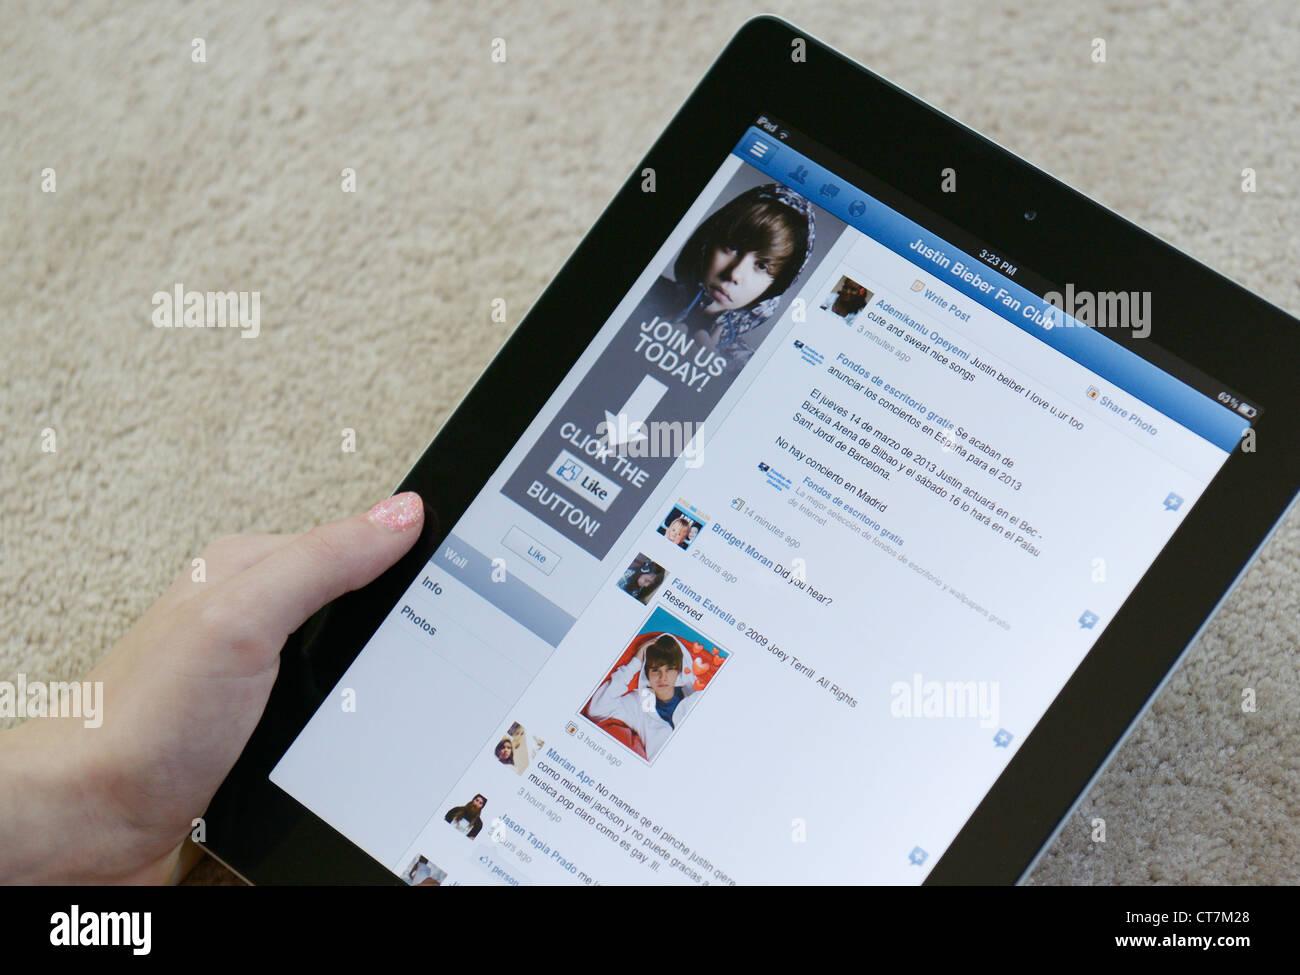 Chica sujetando un iPAD y mirando la Justin Bieber fanclub página en Facebook Imagen De Stock